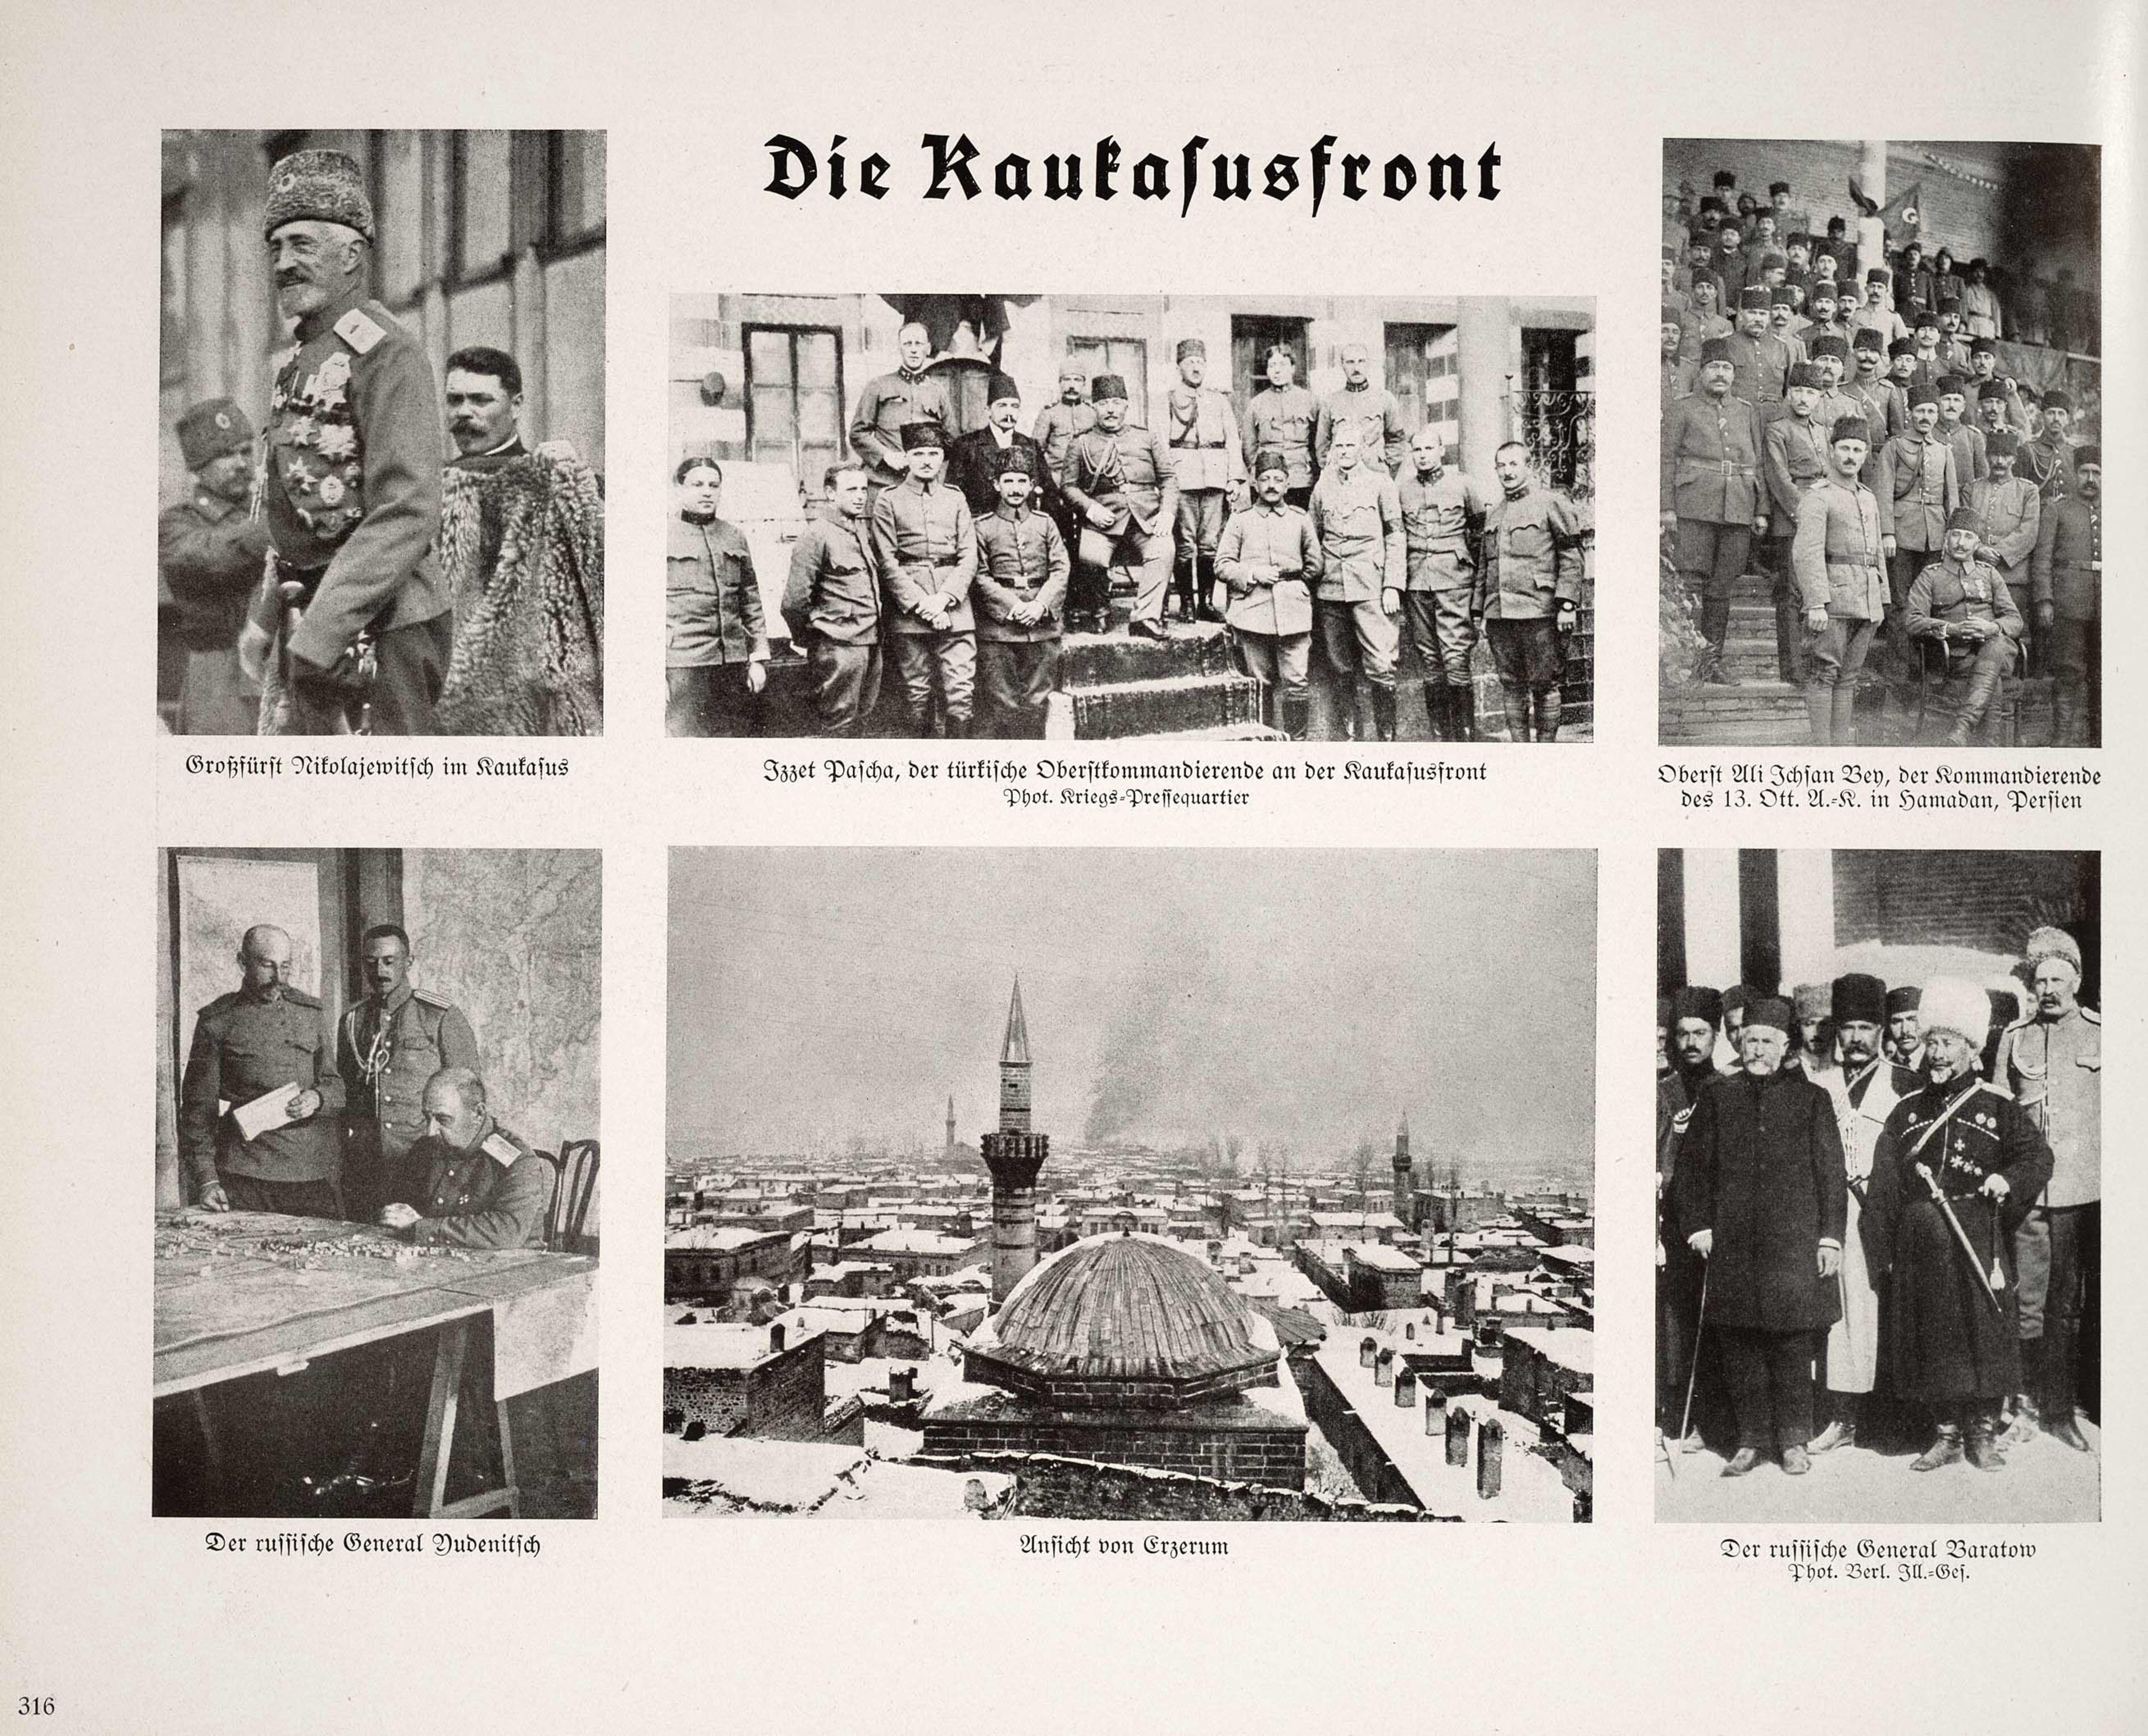 http://upload.wikimedia.org/wikipedia/commons/b/bb/Die_Kaukasusfront._Grosser_Bilderatlas_des_Weltkrieges,_Bruckmann,_1919._p._316.jpg